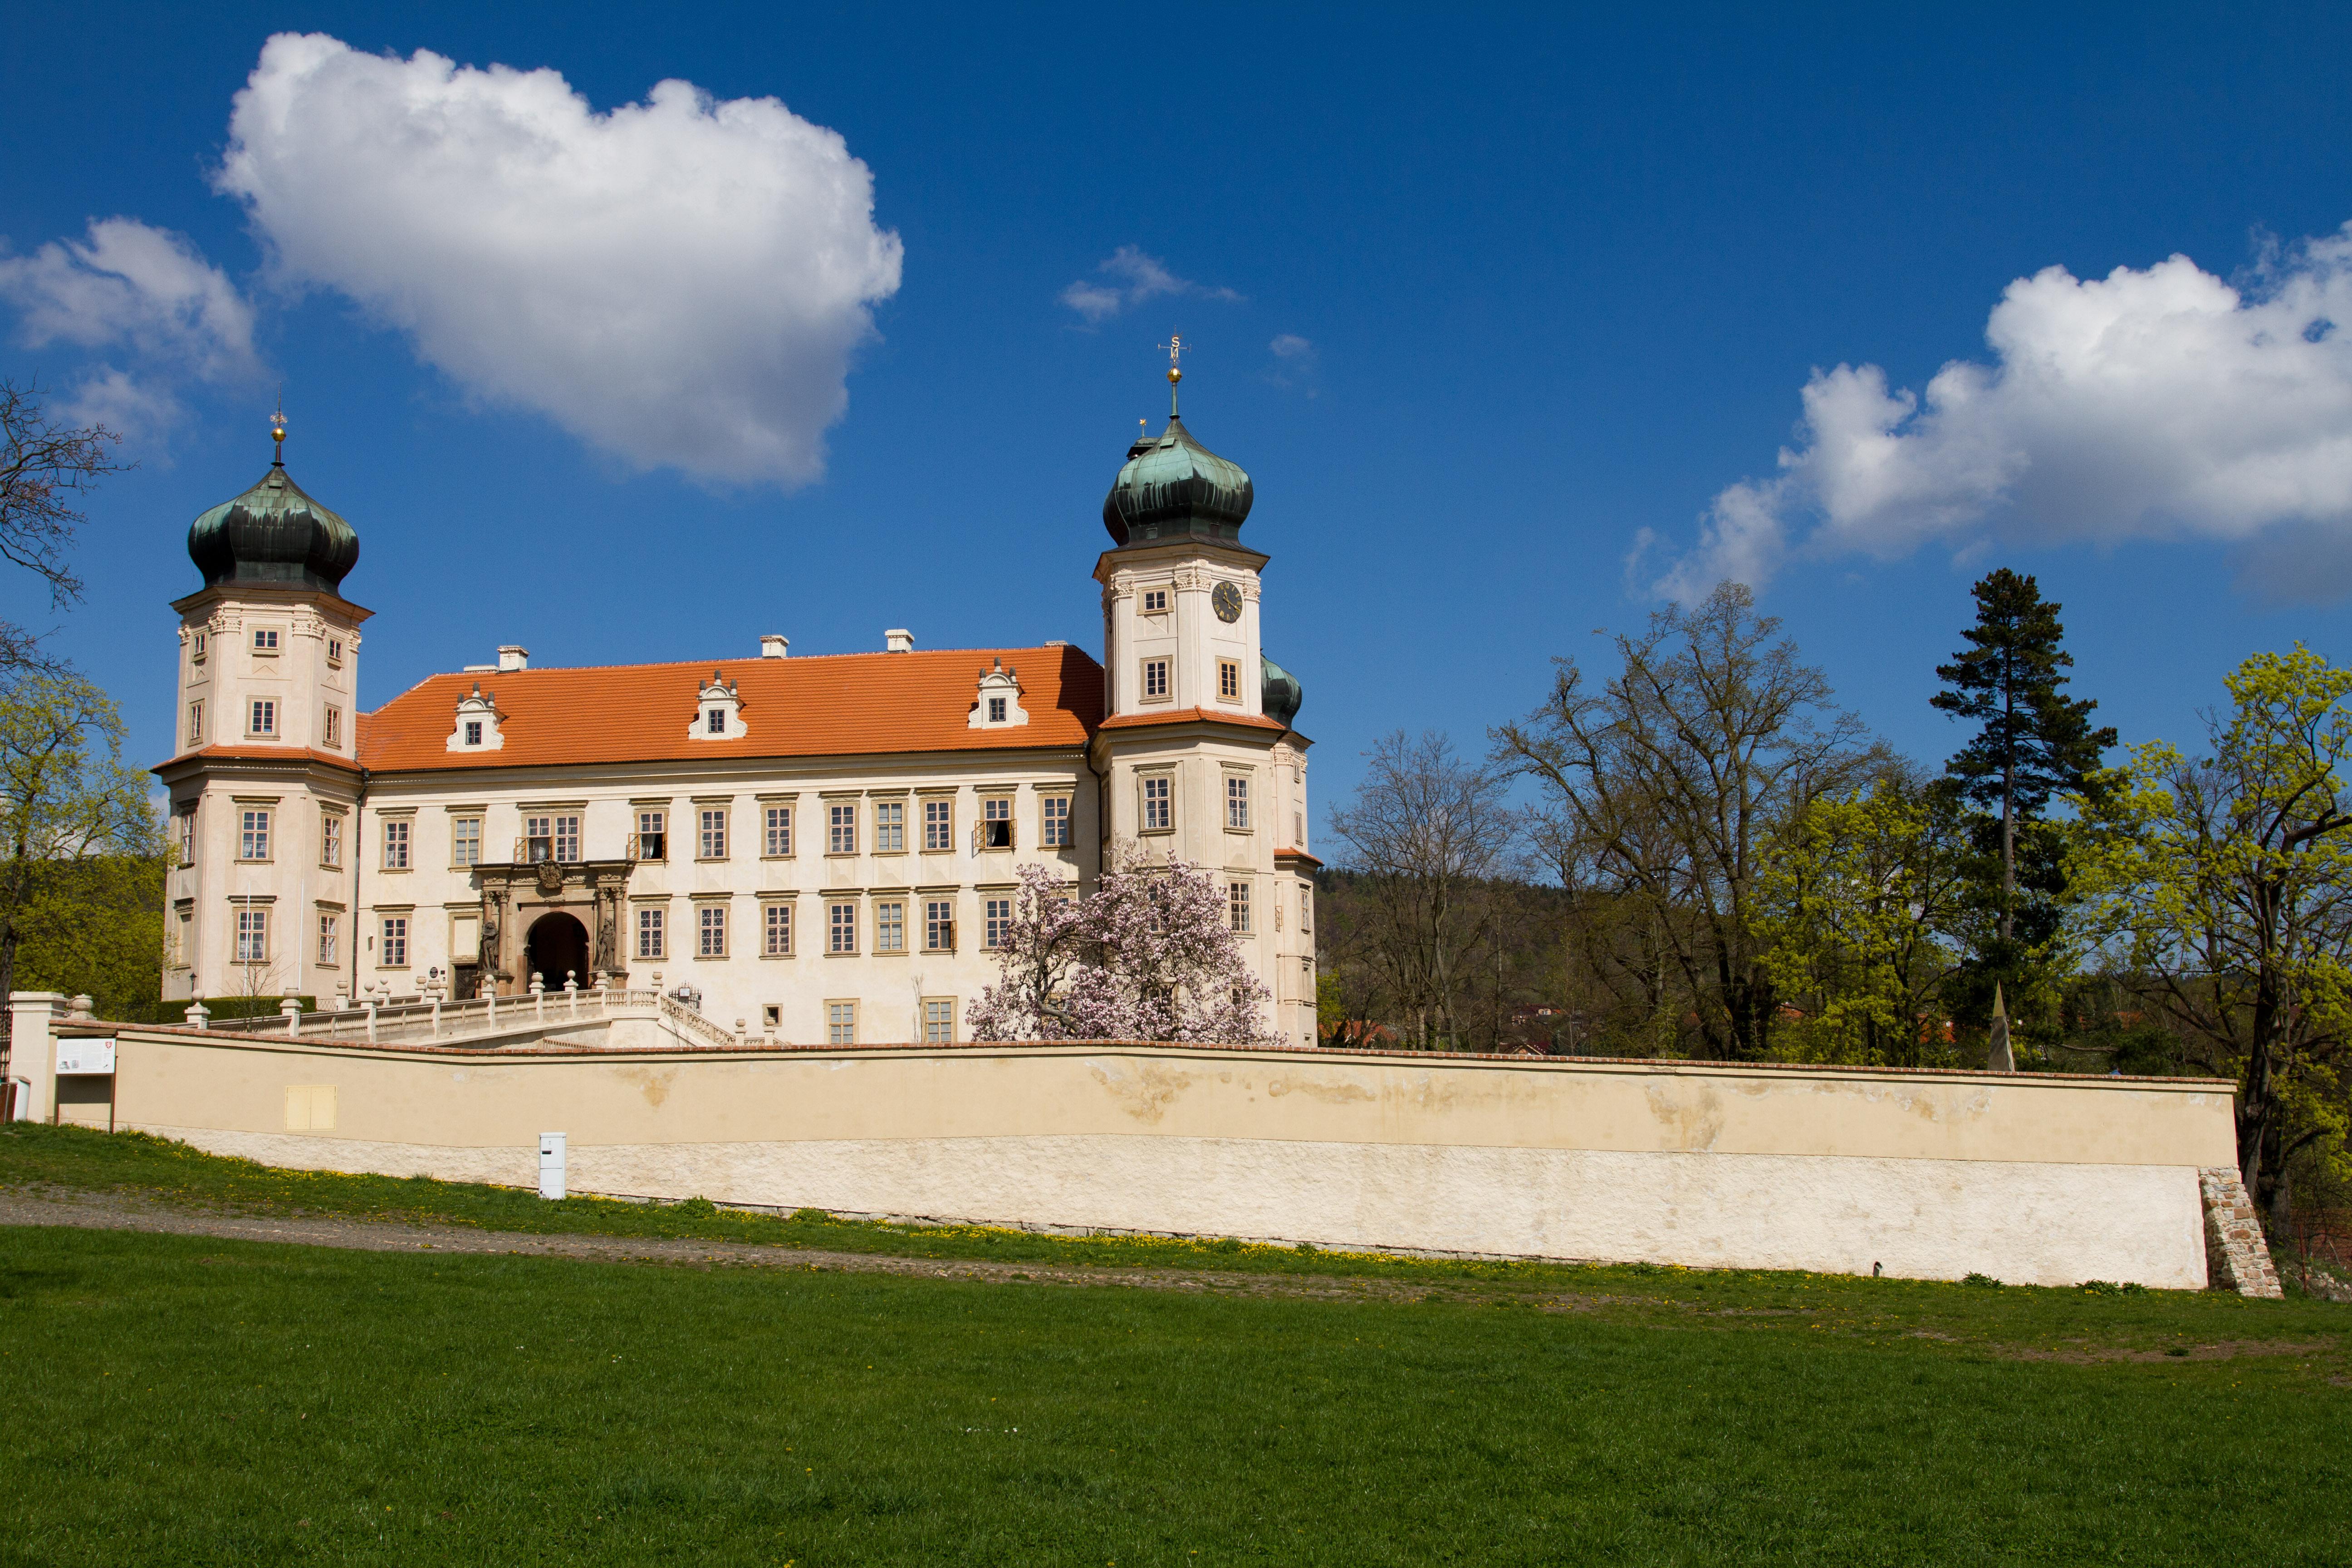 217d86d9ce53f Fotografie :: Státní zámek Mníšek pod Brdy, autor: Jan Kardinál